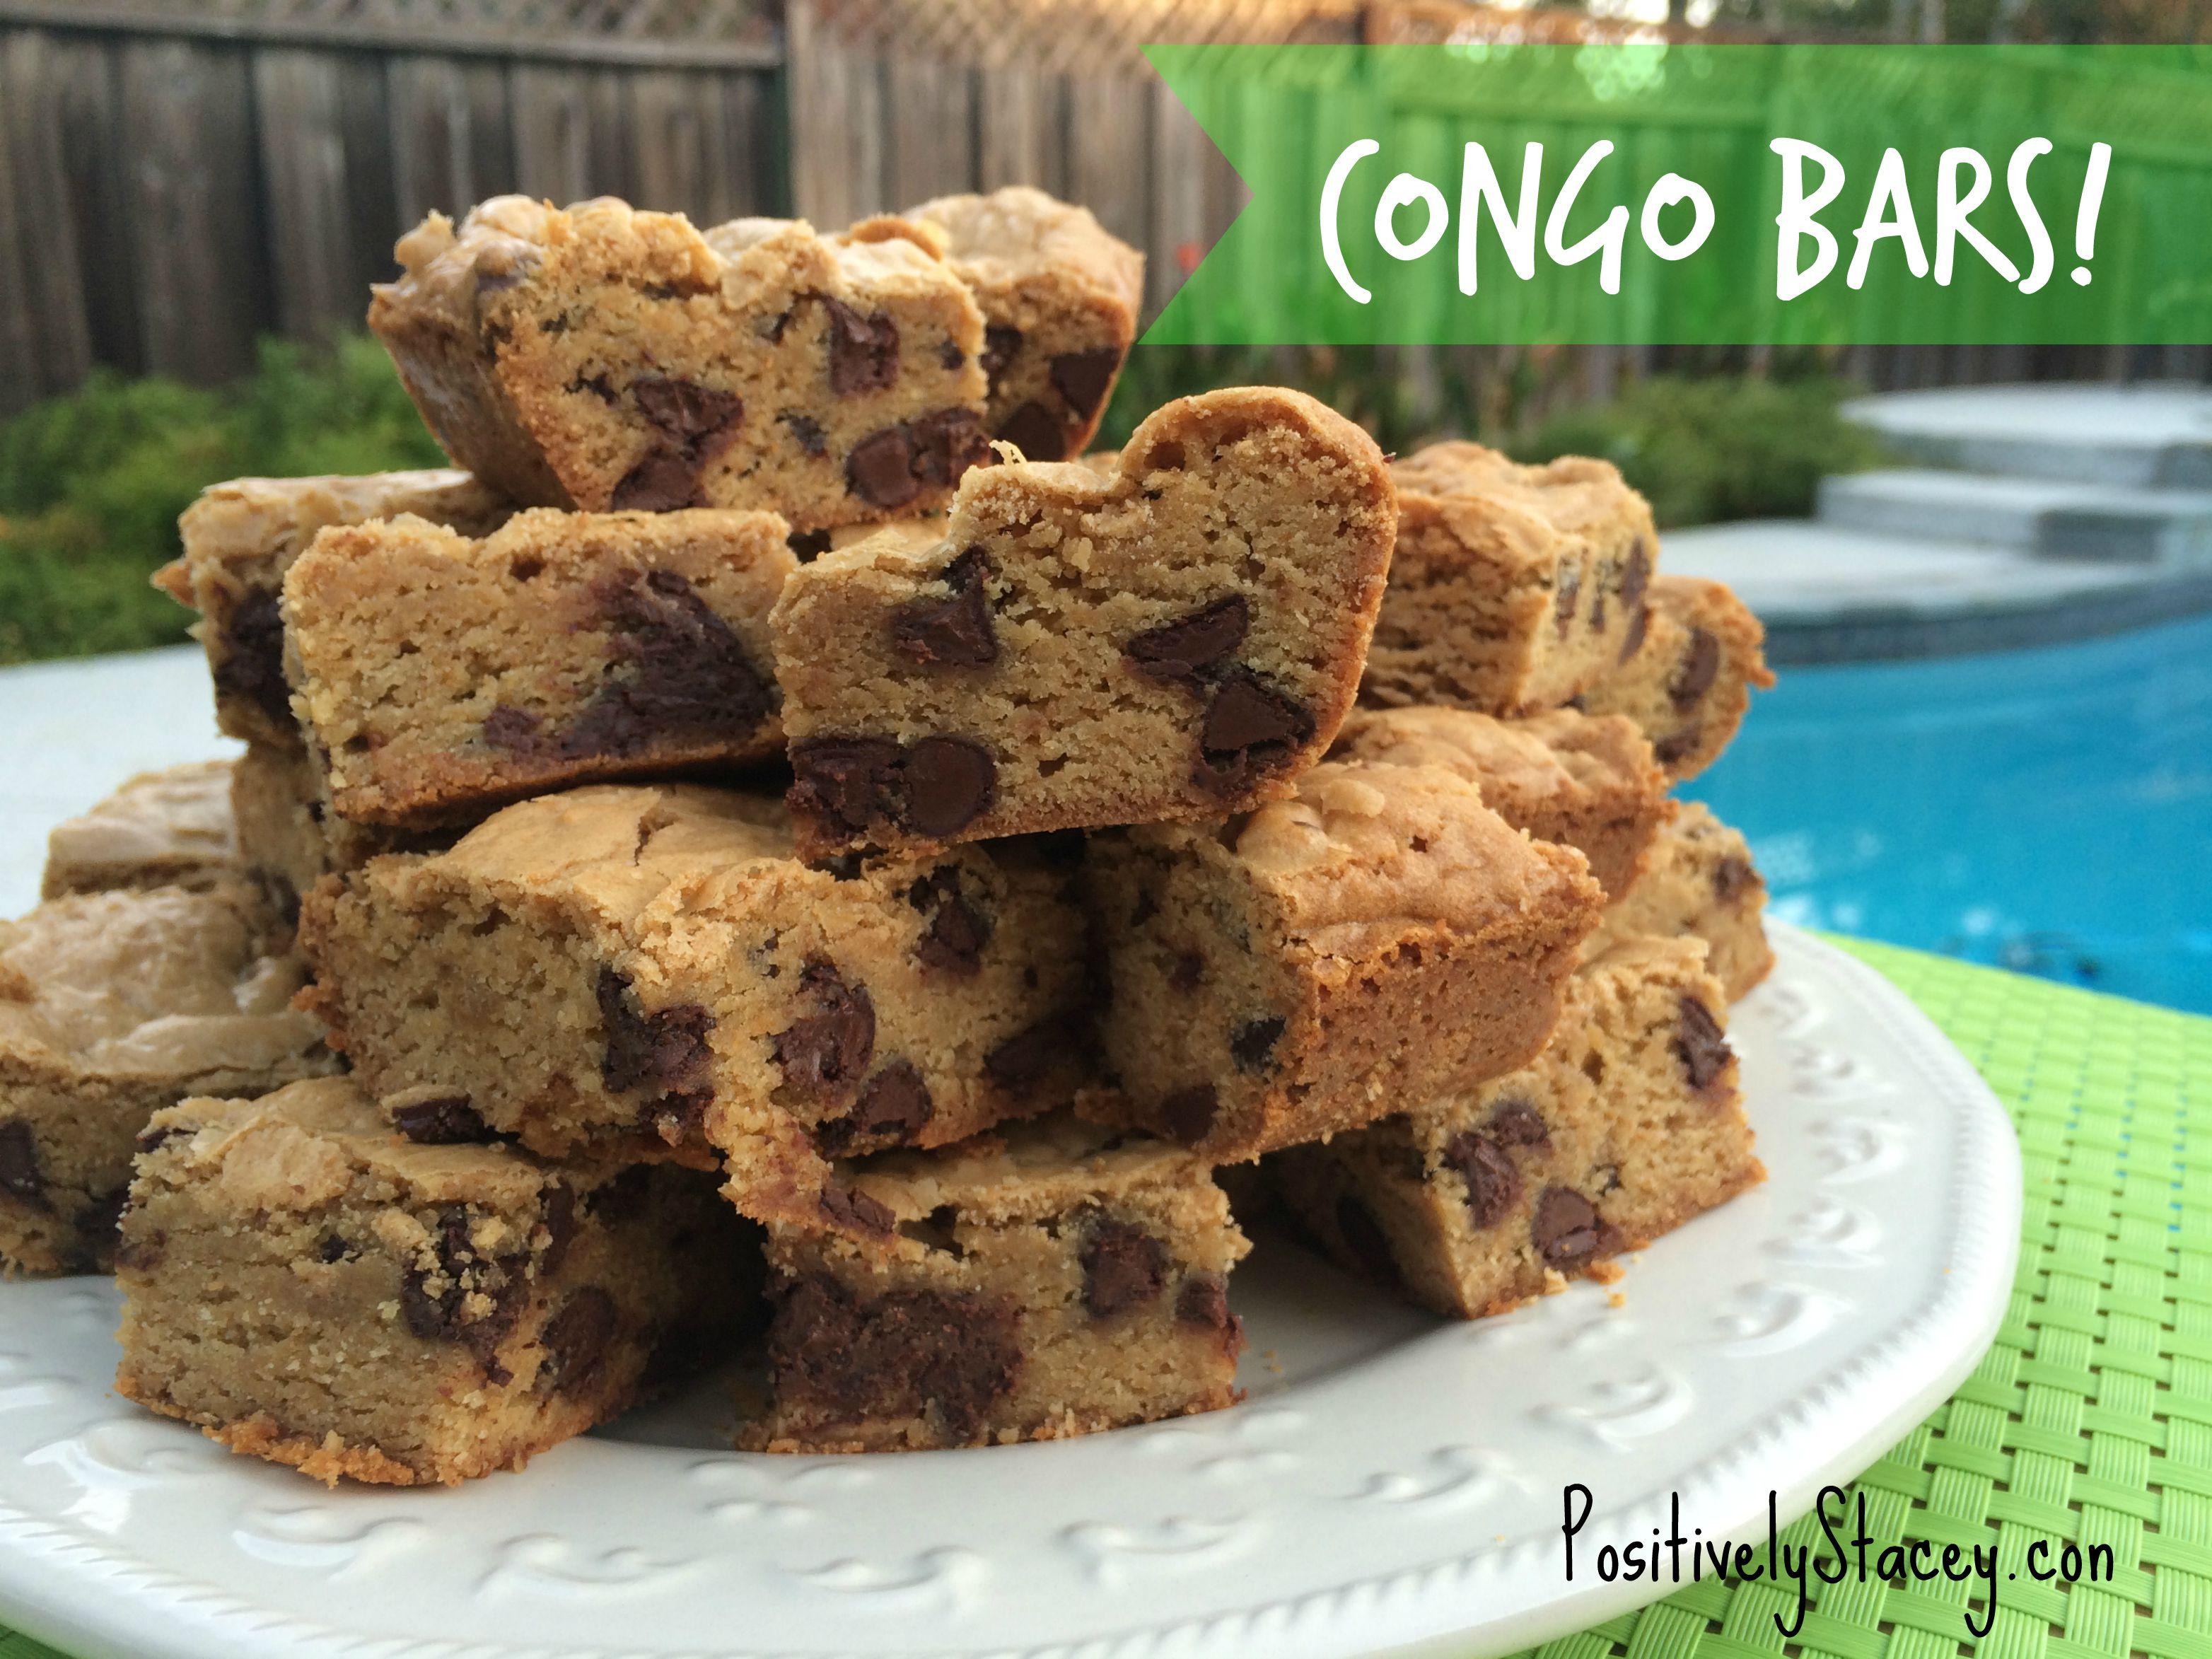 Congo Bars Recipe